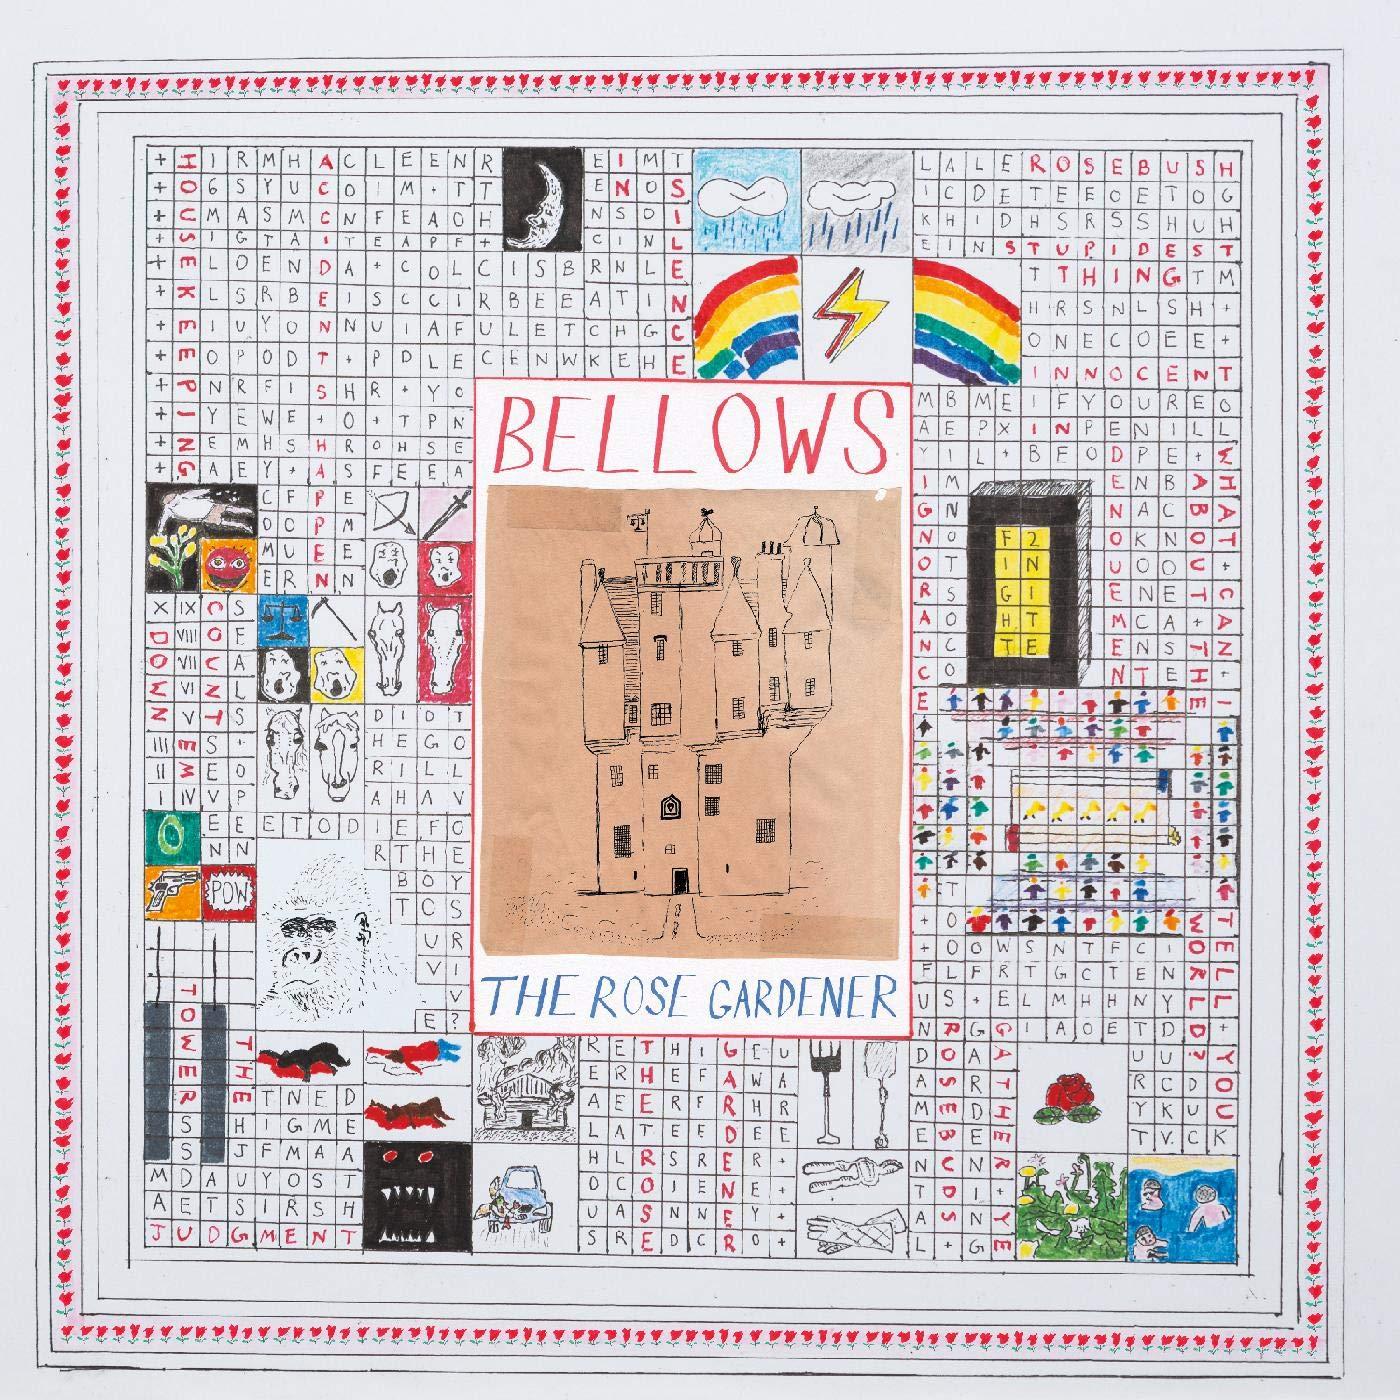 Cassette : Bellows - Rose Gardener (Cassette)